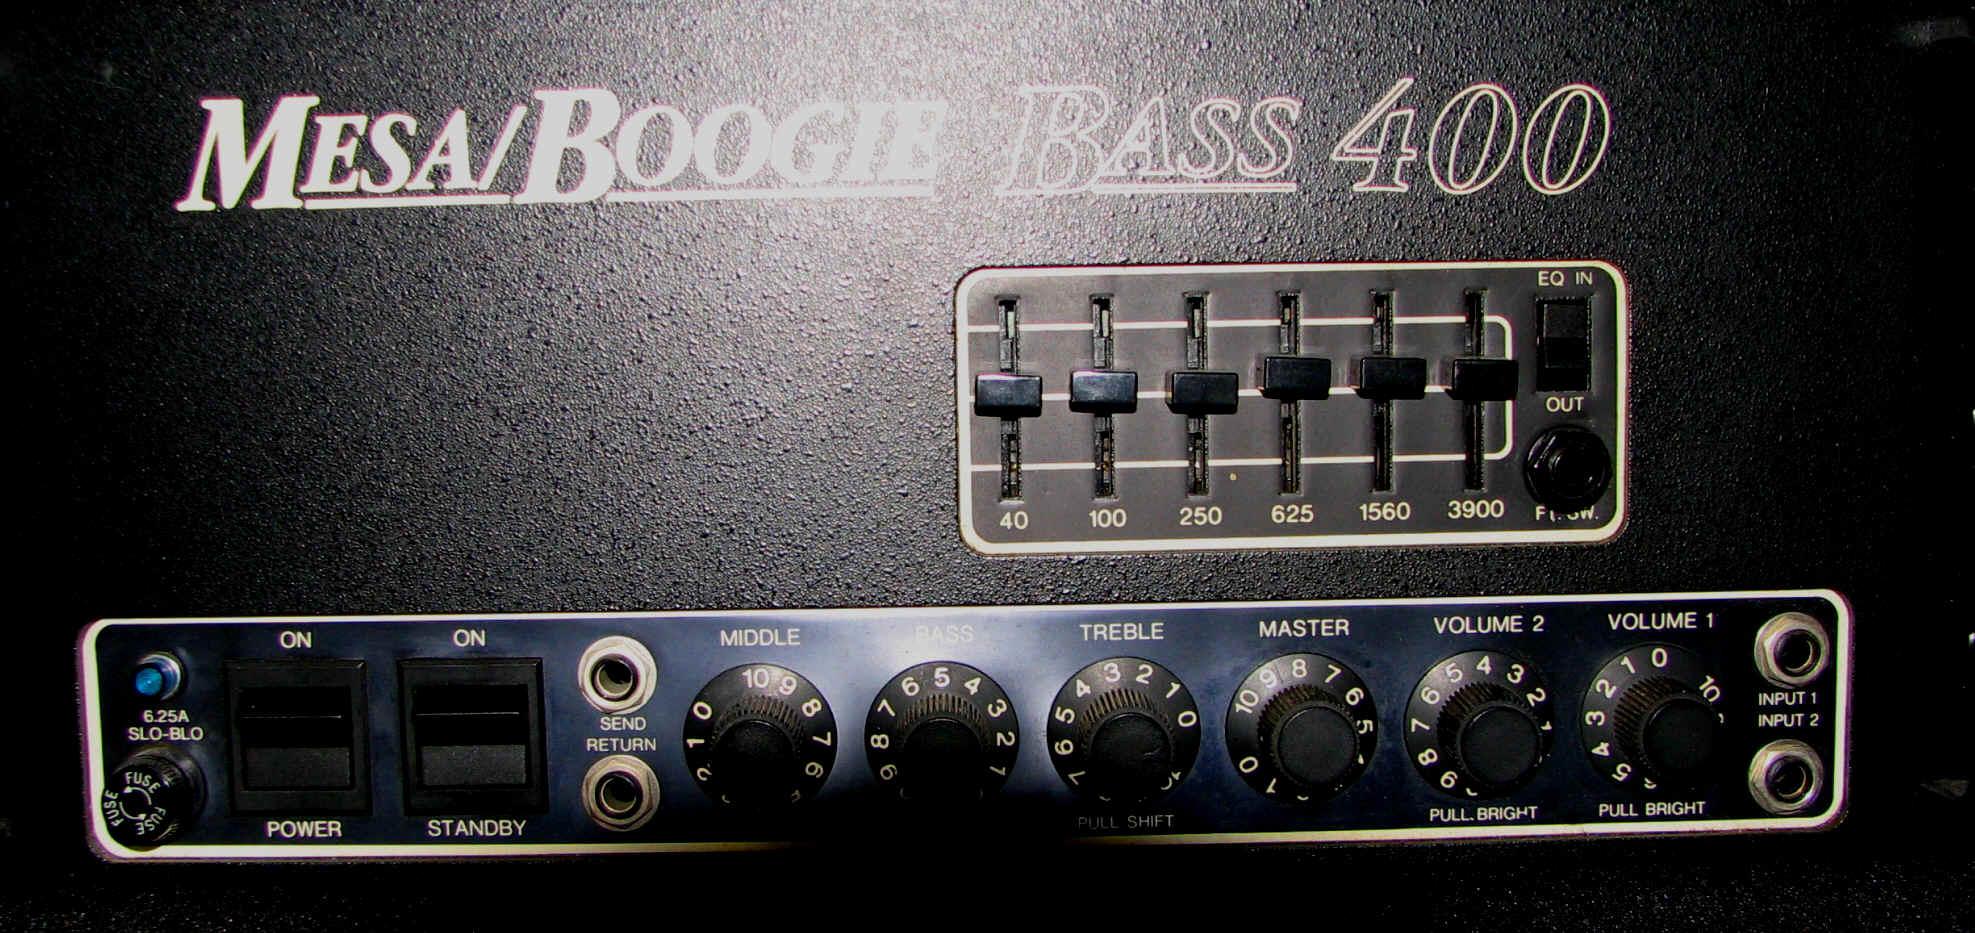 Megapost de amplificadores de bajo pruebas data fotos for Amplificadores mesa boogie